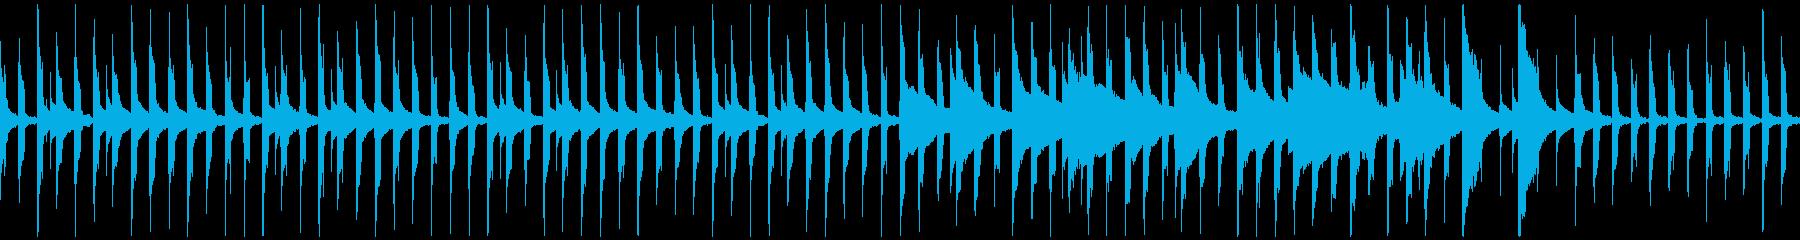 可愛らしい三拍子のゆったりほのぼの曲の再生済みの波形